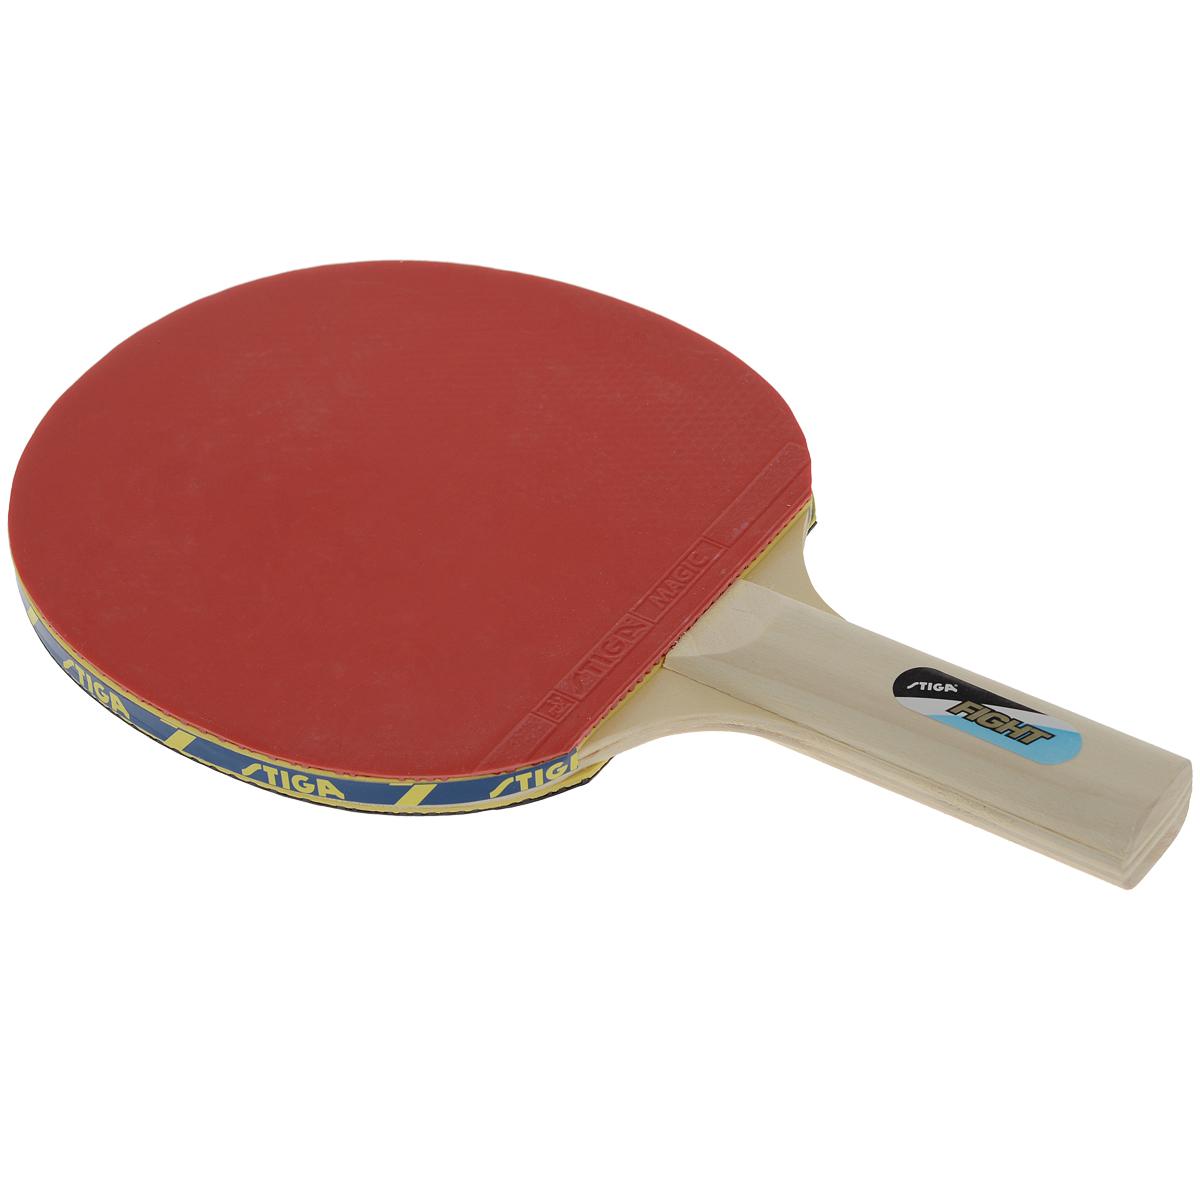 Ракетка для настольного тенниса Stiga Fight3B327Ракетка для настольного тенниса Stiga Fight – прекрасный выбор для любителя. Пятислойное основание в тандеме с накладкой Magic 1,5 мм дает возможность игроку получить 100% чувство мяча, благодаря которому он сможет заложить основу для развития своего мастерства.Основные характеристики: Контроль: 100. Скорость: 15. Кручение: 30. Характеристики: Размер ракетки: 25,5 см х 15,3 см. Длина ручки: 10 см. Материал: дерево, резина. Размер упаковки: 25,5 см х 15,3 см х 2 см. Производитель: Китай. Артикул: 24928.